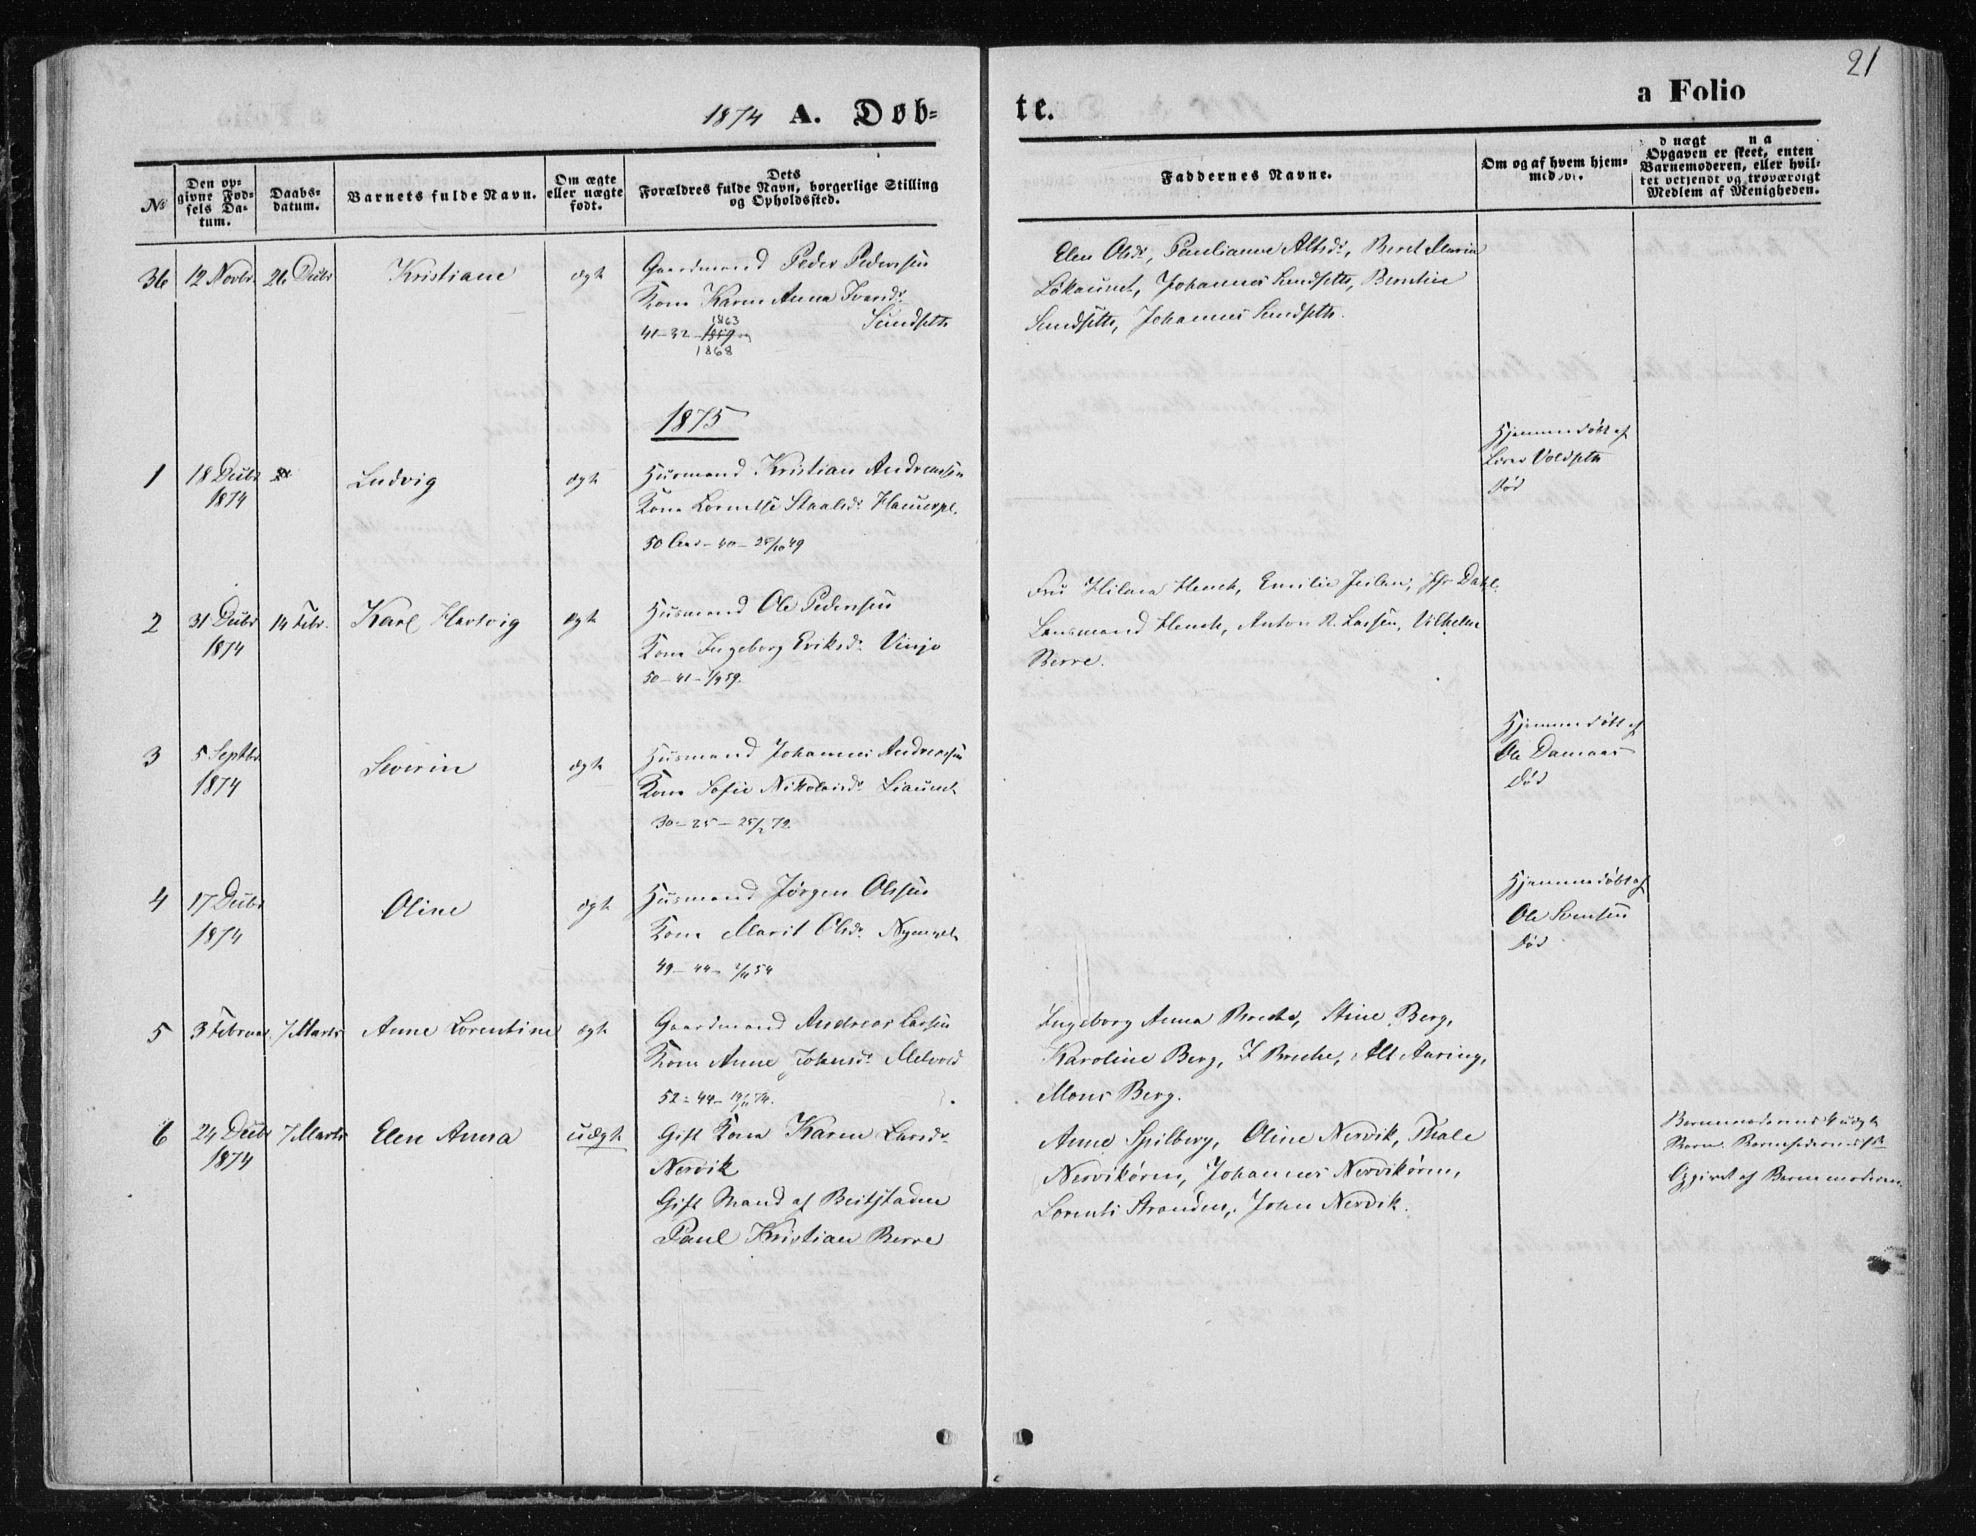 SAT, Ministerialprotokoller, klokkerbøker og fødselsregistre - Nord-Trøndelag, 733/L0324: Ministerialbok nr. 733A03, 1870-1883, s. 21